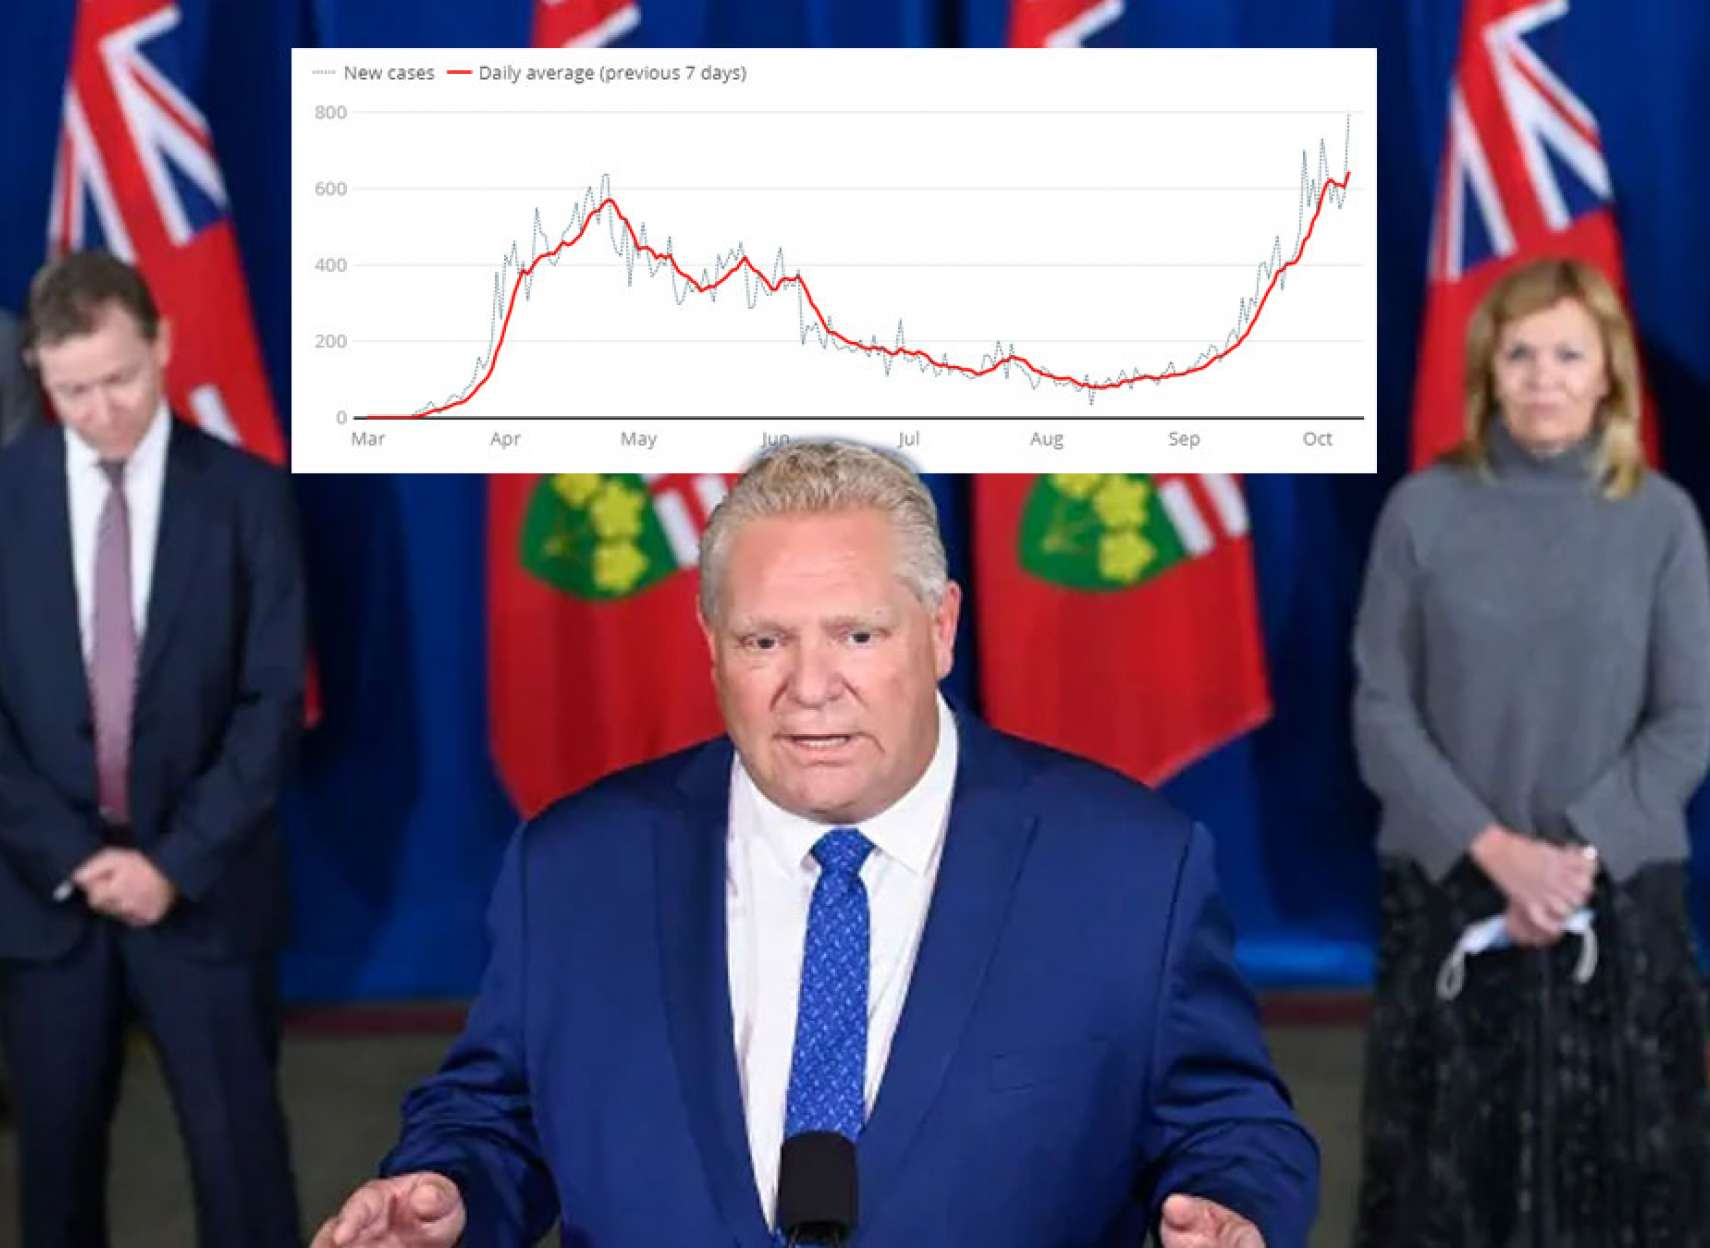 اخبار-تورنتو-جلسه-اضطراری-انتاریو-برای-بازگشت-به-مرحله-دوم-با-۹۳۹-مورد-جدید-کرونا